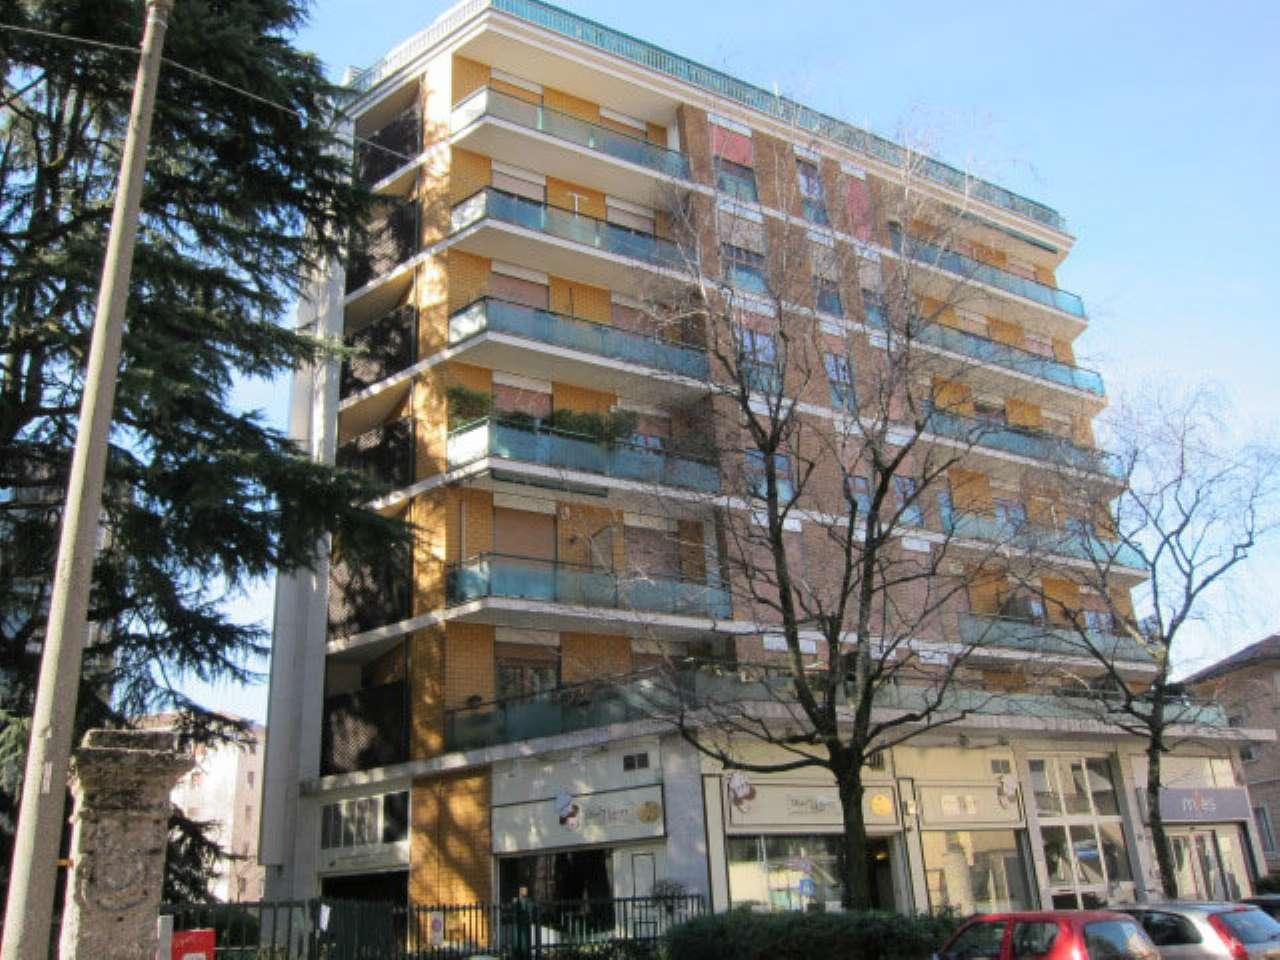 Monza Vendita APPARTAMENTO Immagine 4